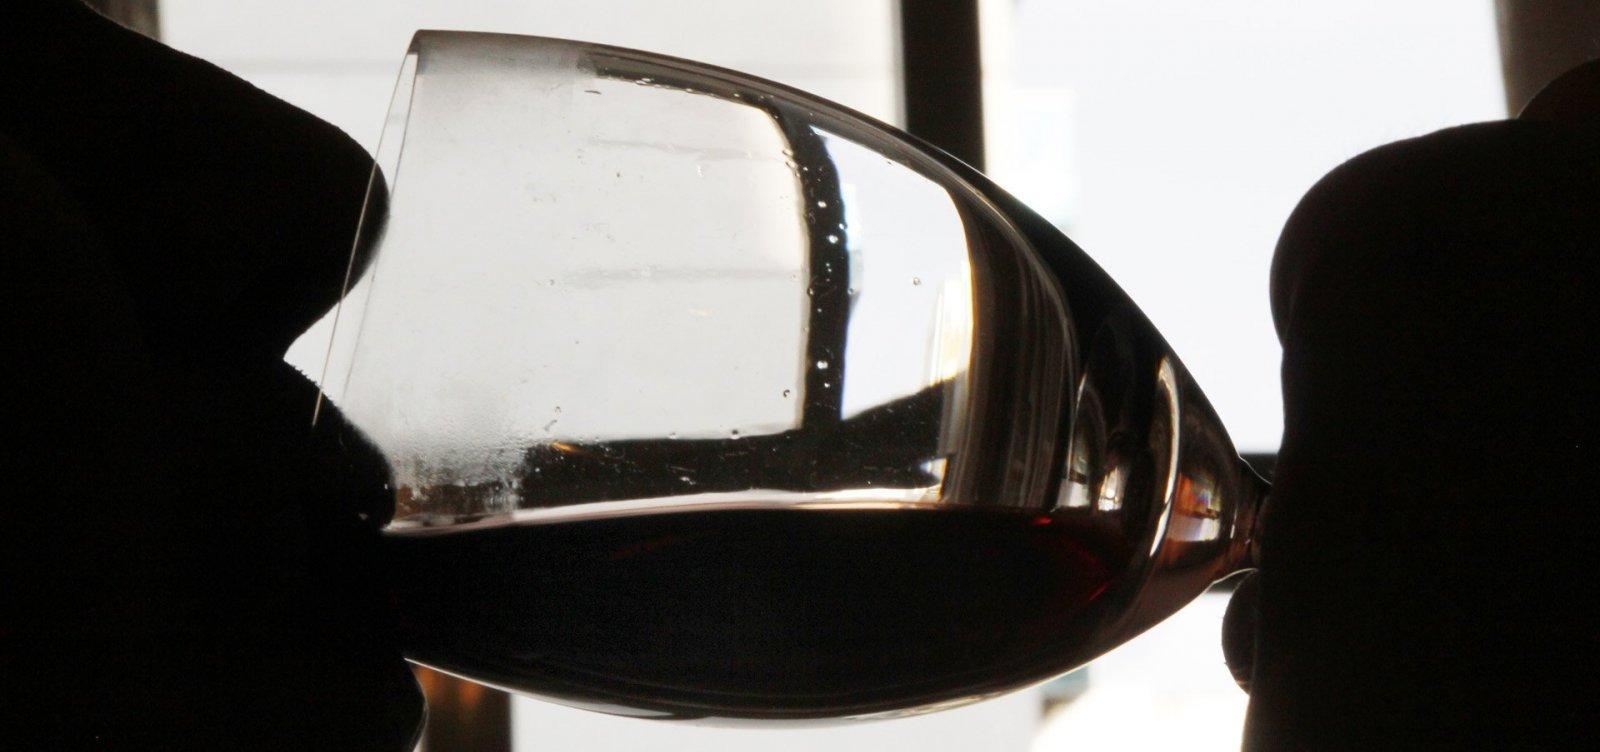 Consumo de vinho no Brasil tem alta de 18% em 2020, puxado pelo comércio online